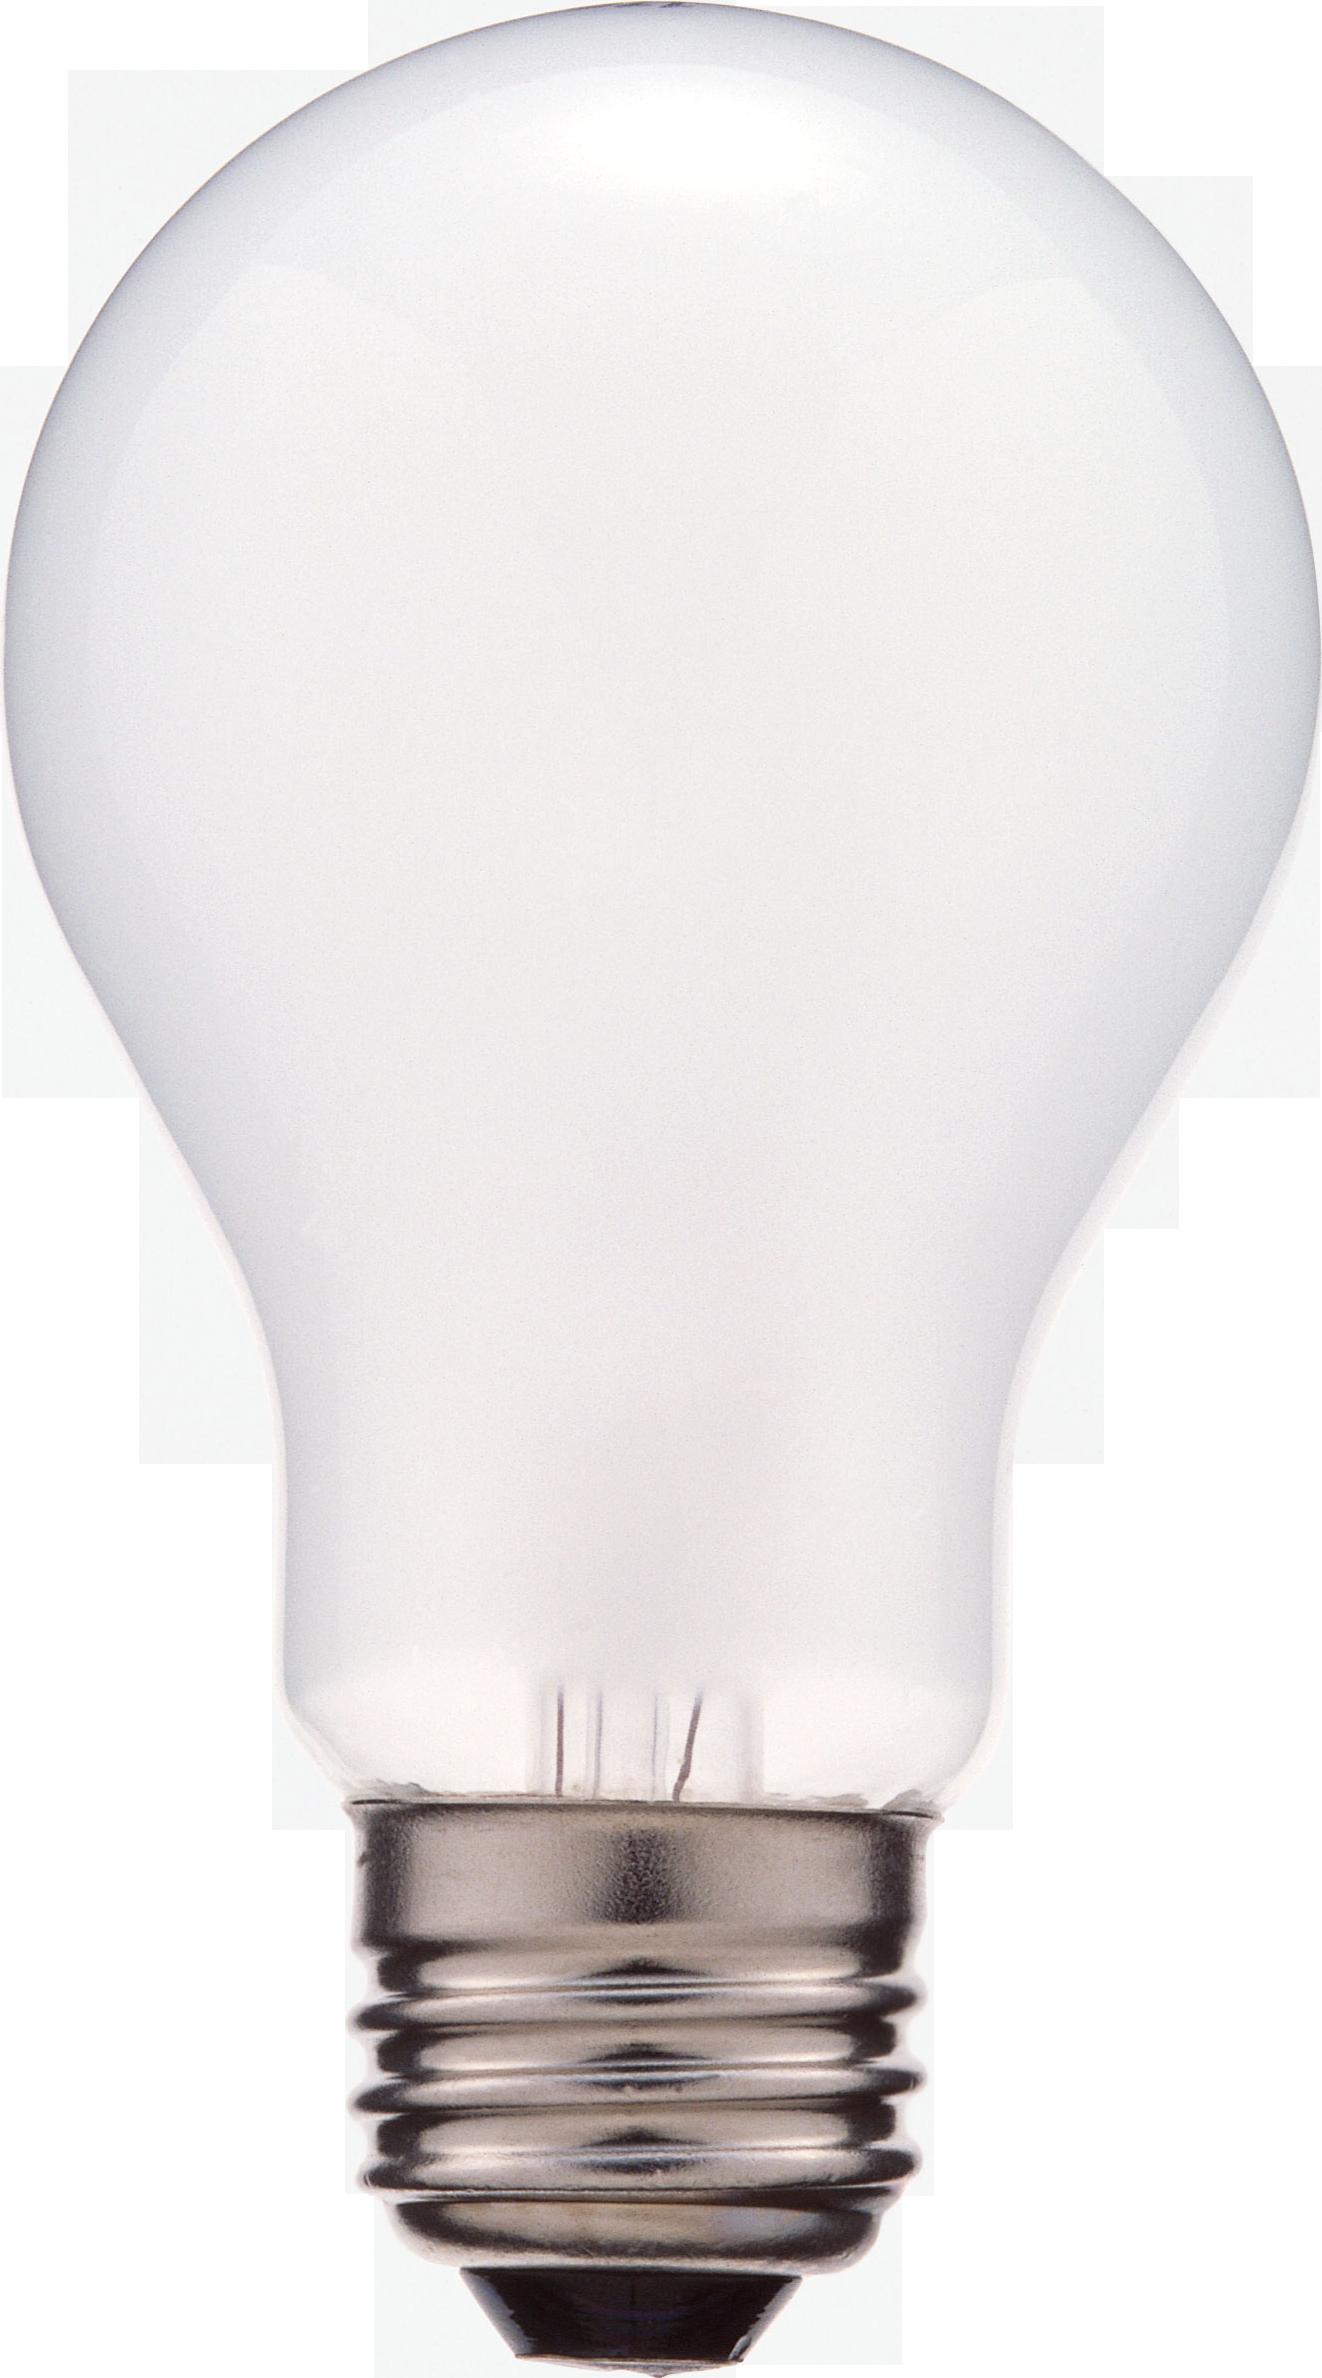 Lamp Png Image Lamp Lamp Logo Industrial Desk Lamp